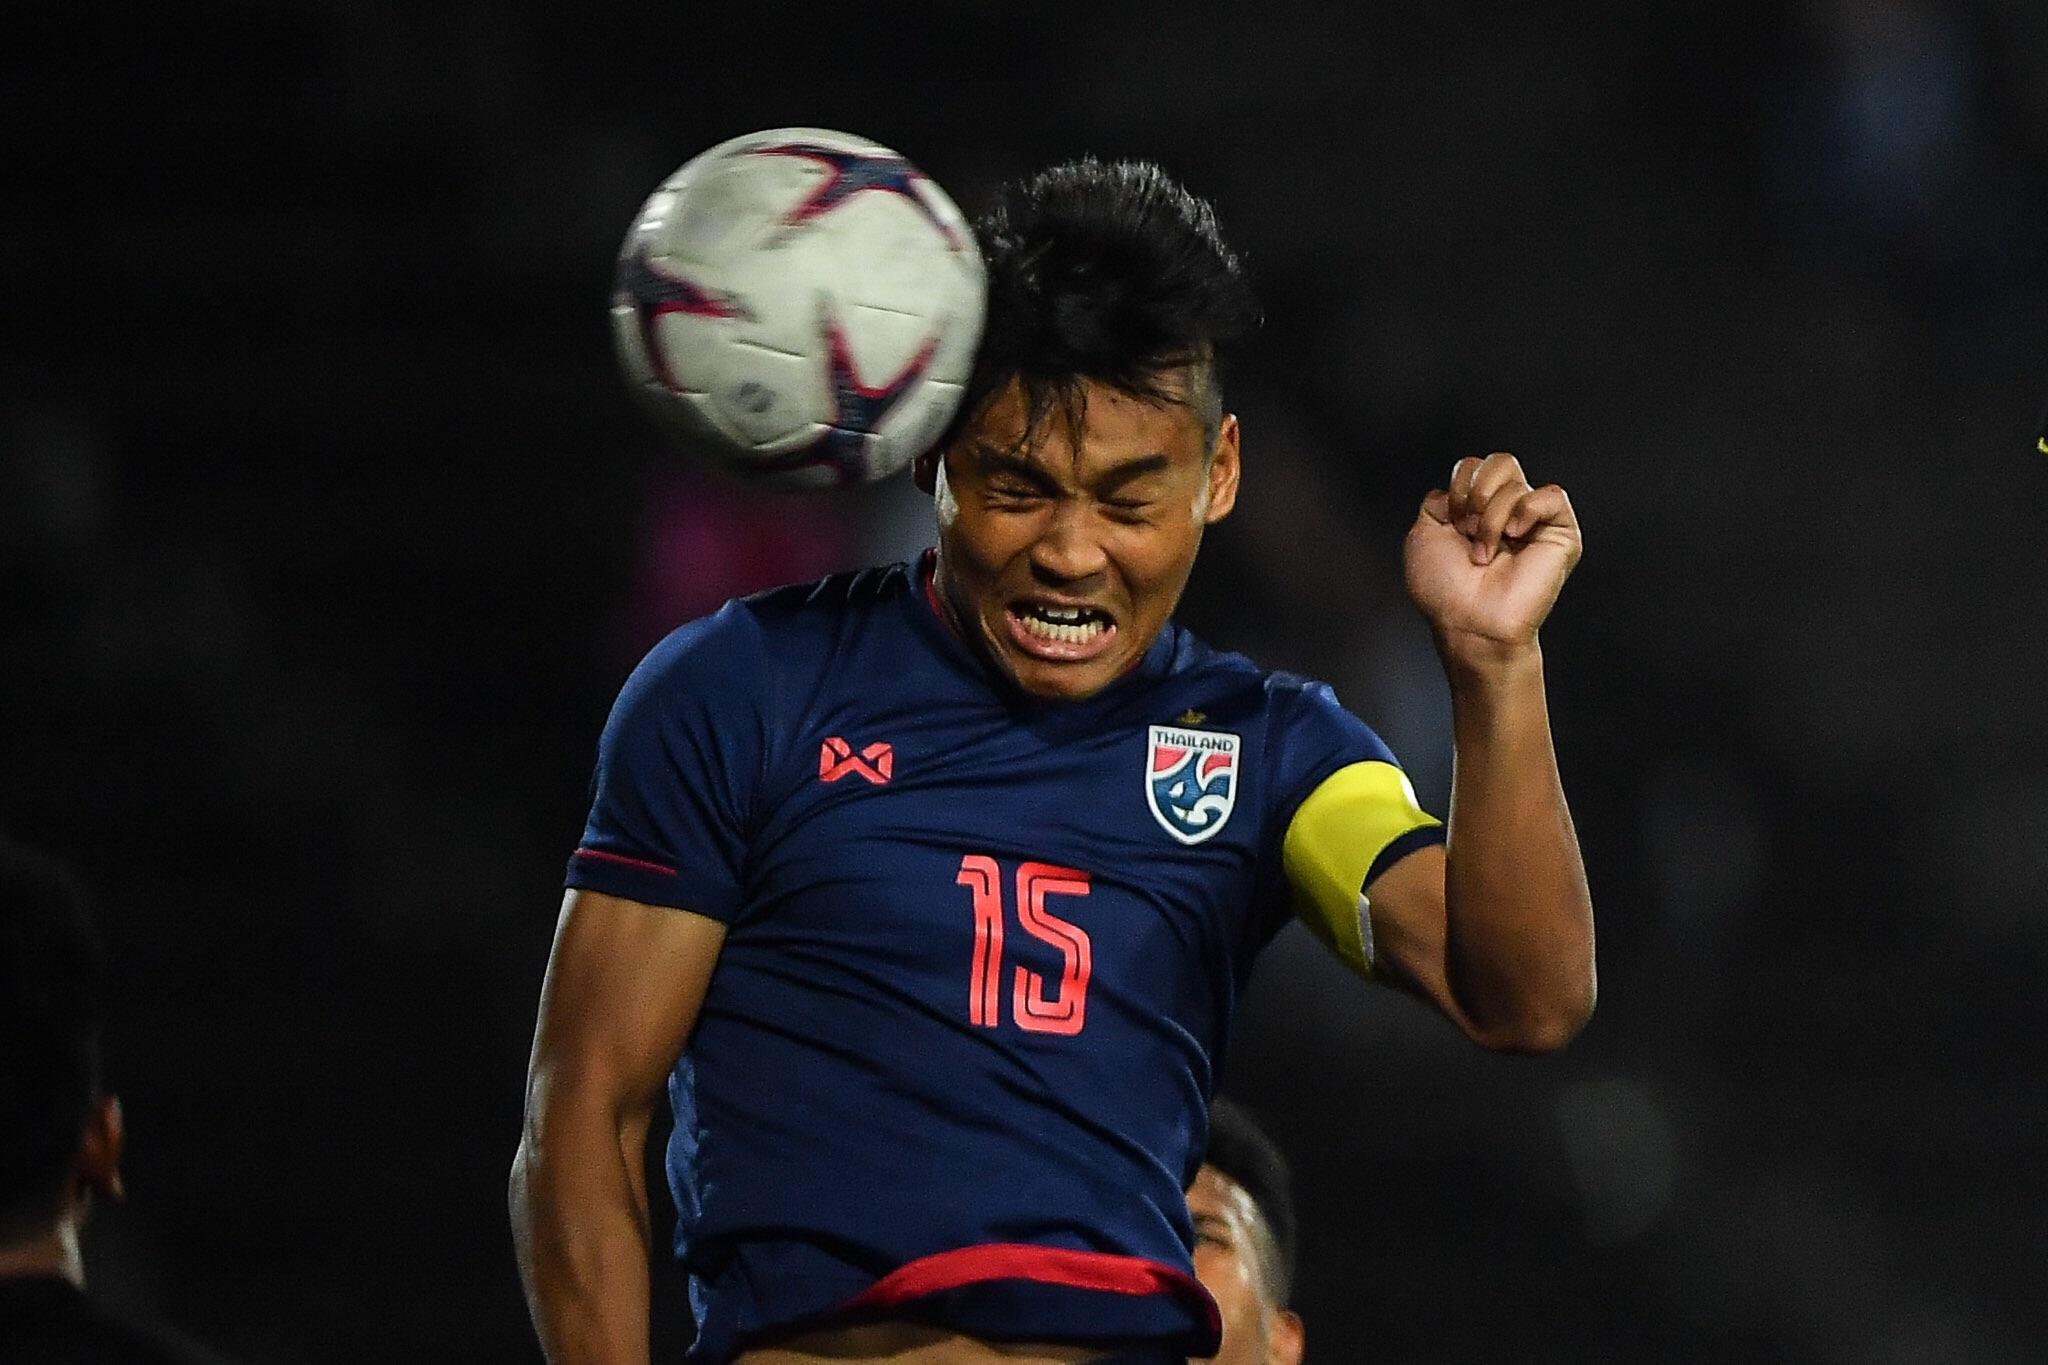 ชิงแชมป์อาเซียน 2019 ทีมชาติไทย U22 ศฤงคาร พรมสุภะ